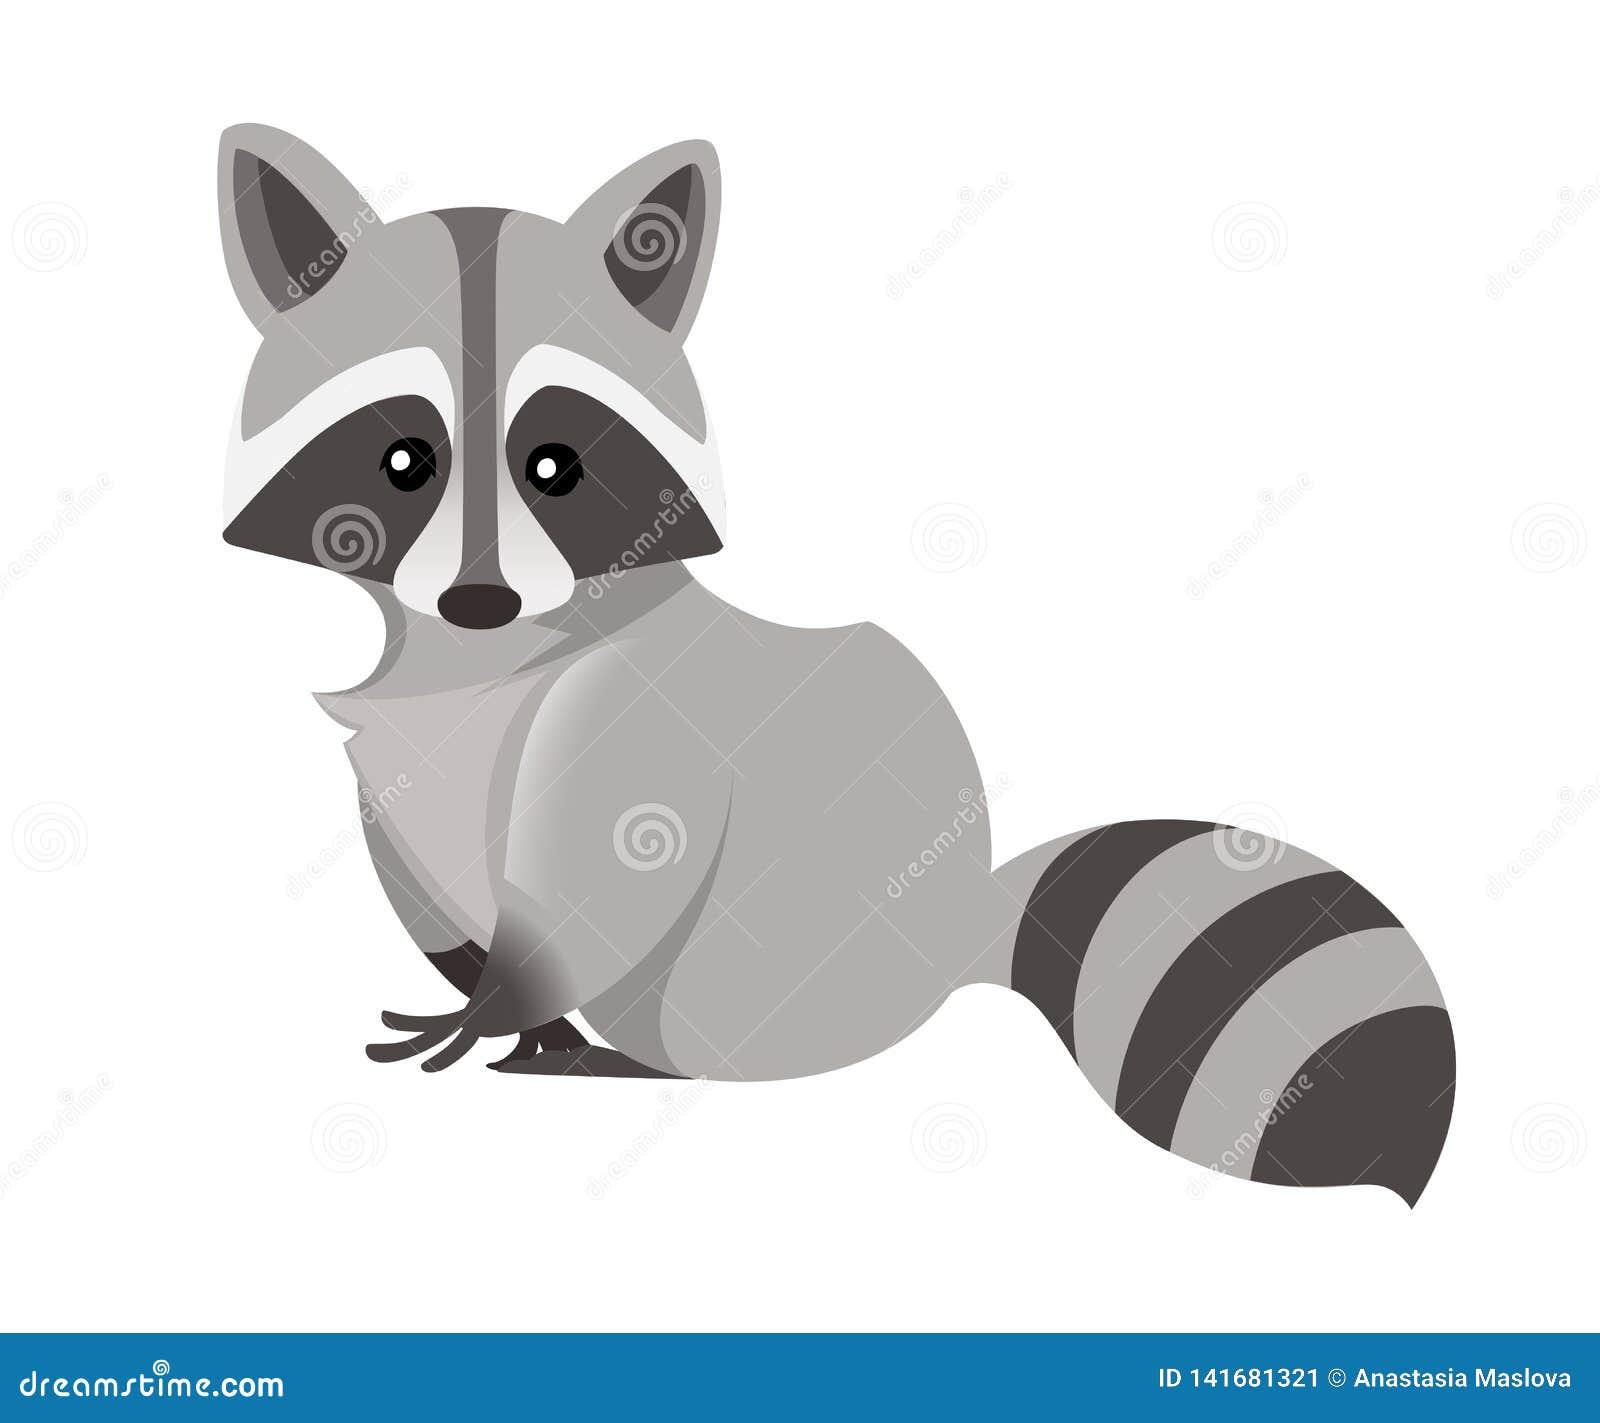 Cute Raccoon  North American Raccoon, Native Mammal  Cartoon Animal